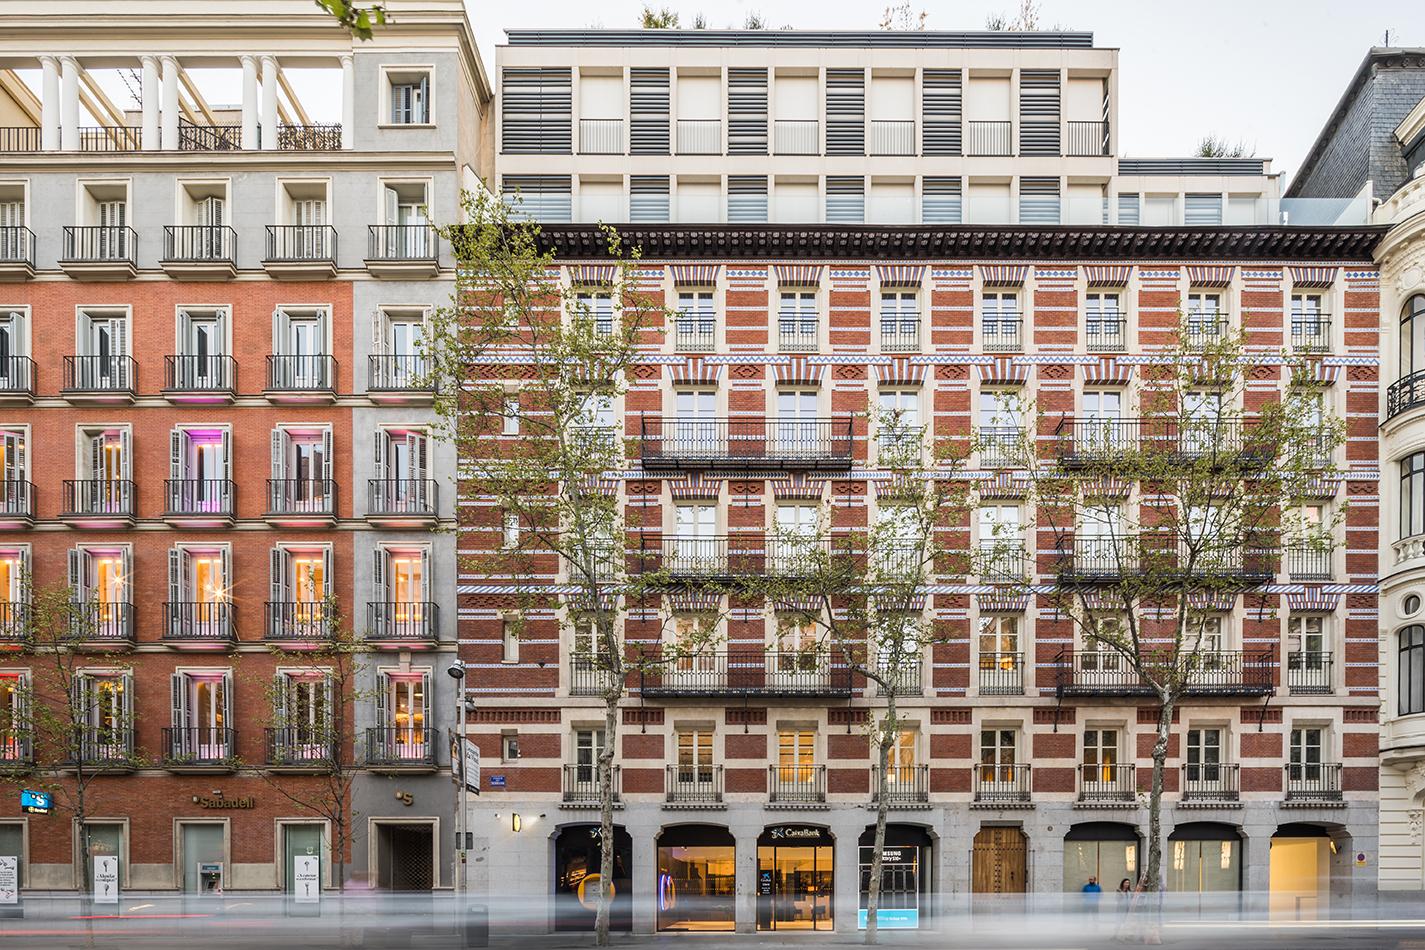 MADRID REFORMA OFICINA SUCURSAL BANCARIA CONSTRUCTORA ARQUITECTURA INTERIORISMO OBRA NUEVA